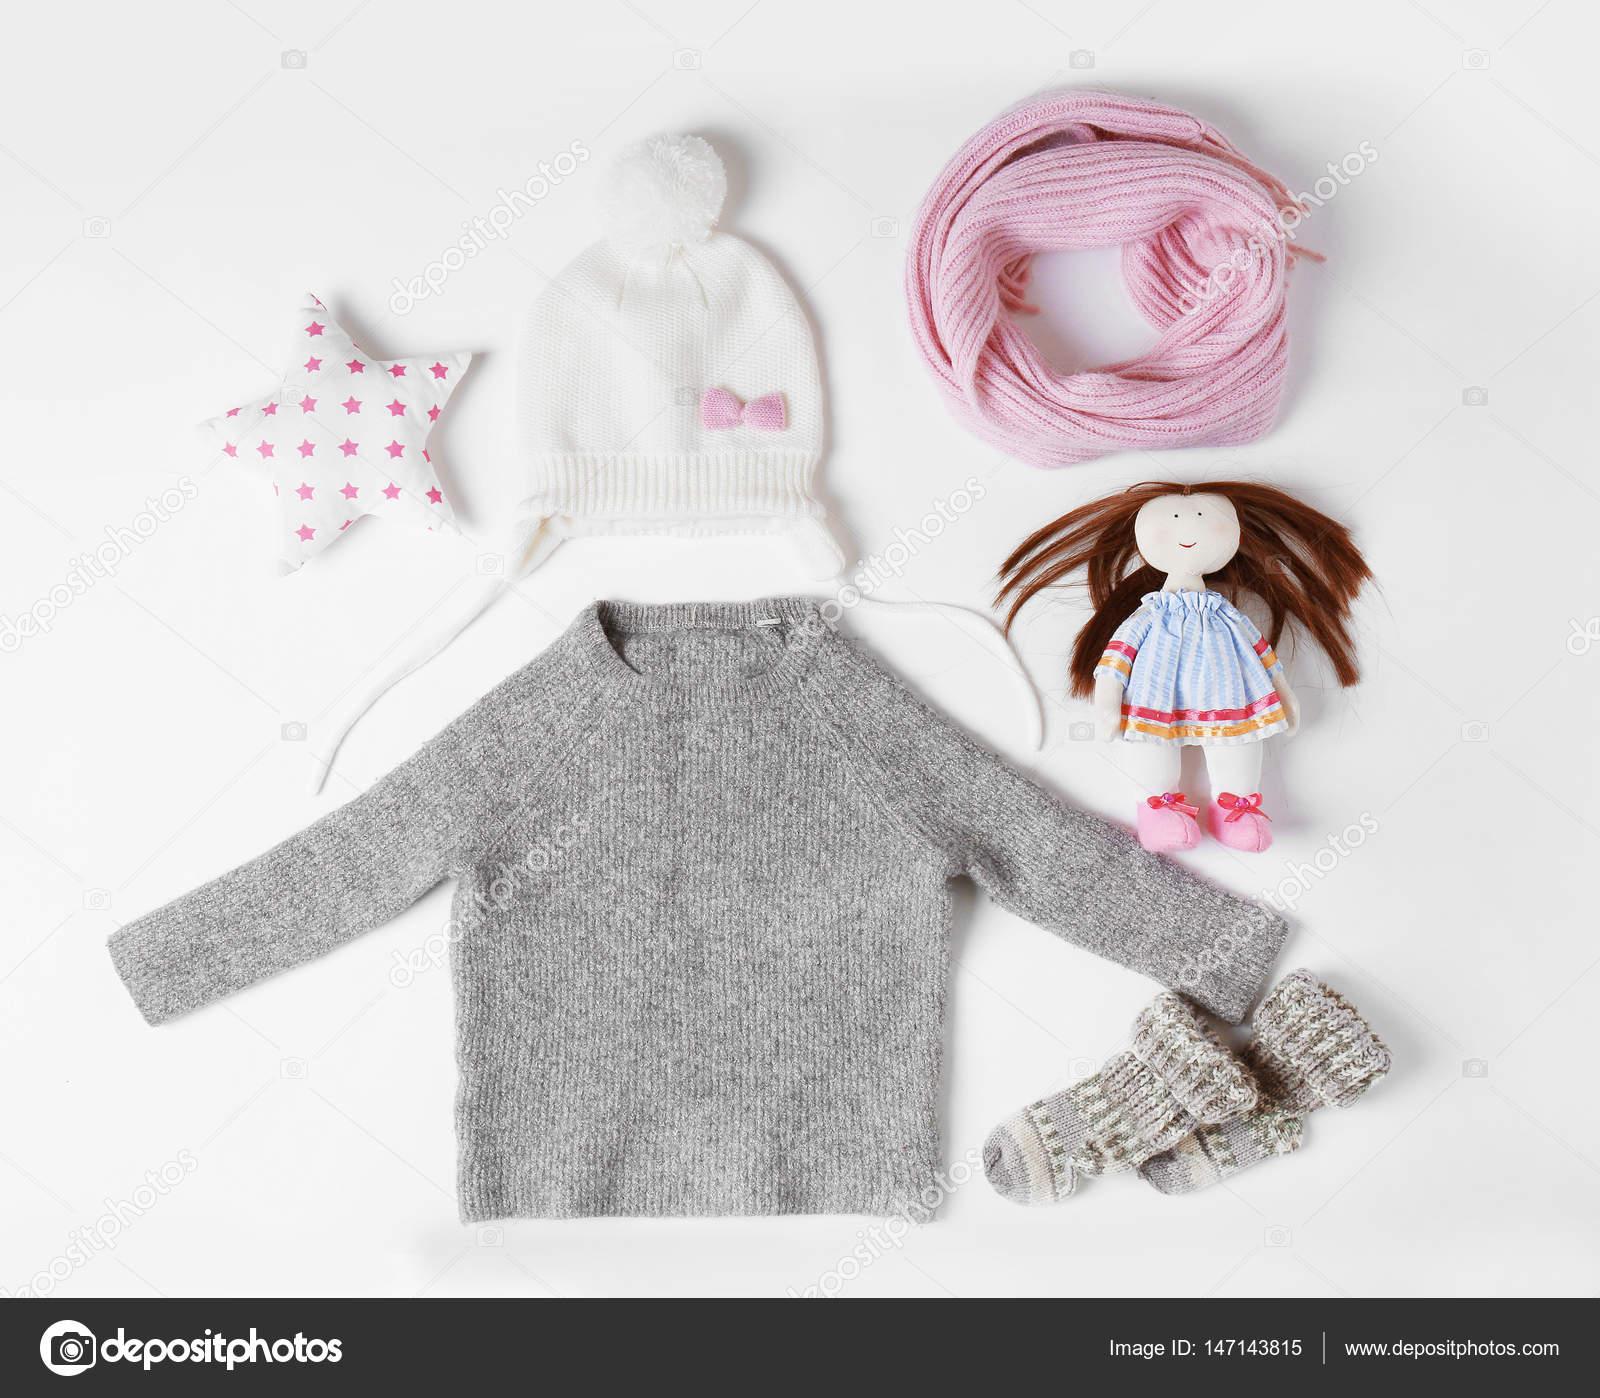 f4b09f2fcae Παιδικά ρούχα και αξεσουάρ — Φωτογραφία Αρχείου © belchonock #147143815